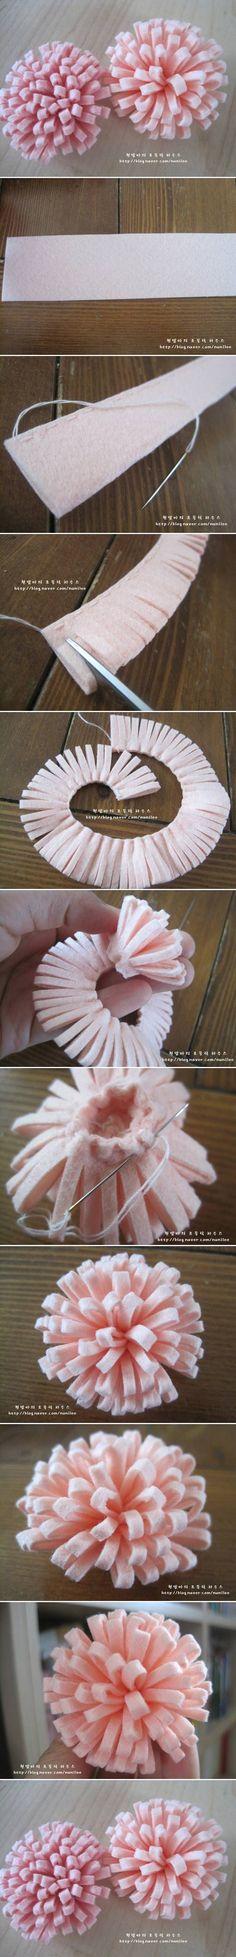 """�аг��зка... Читайте також також Текстильні ялиночки, 26 фото-ідей Об""""ємні квіти-гарбузики власноруч Осіннє блюдечко для прикрас Що можна зробити з пластикових кришок? Фантастичні дерев""""яні ложки від … Read More"""